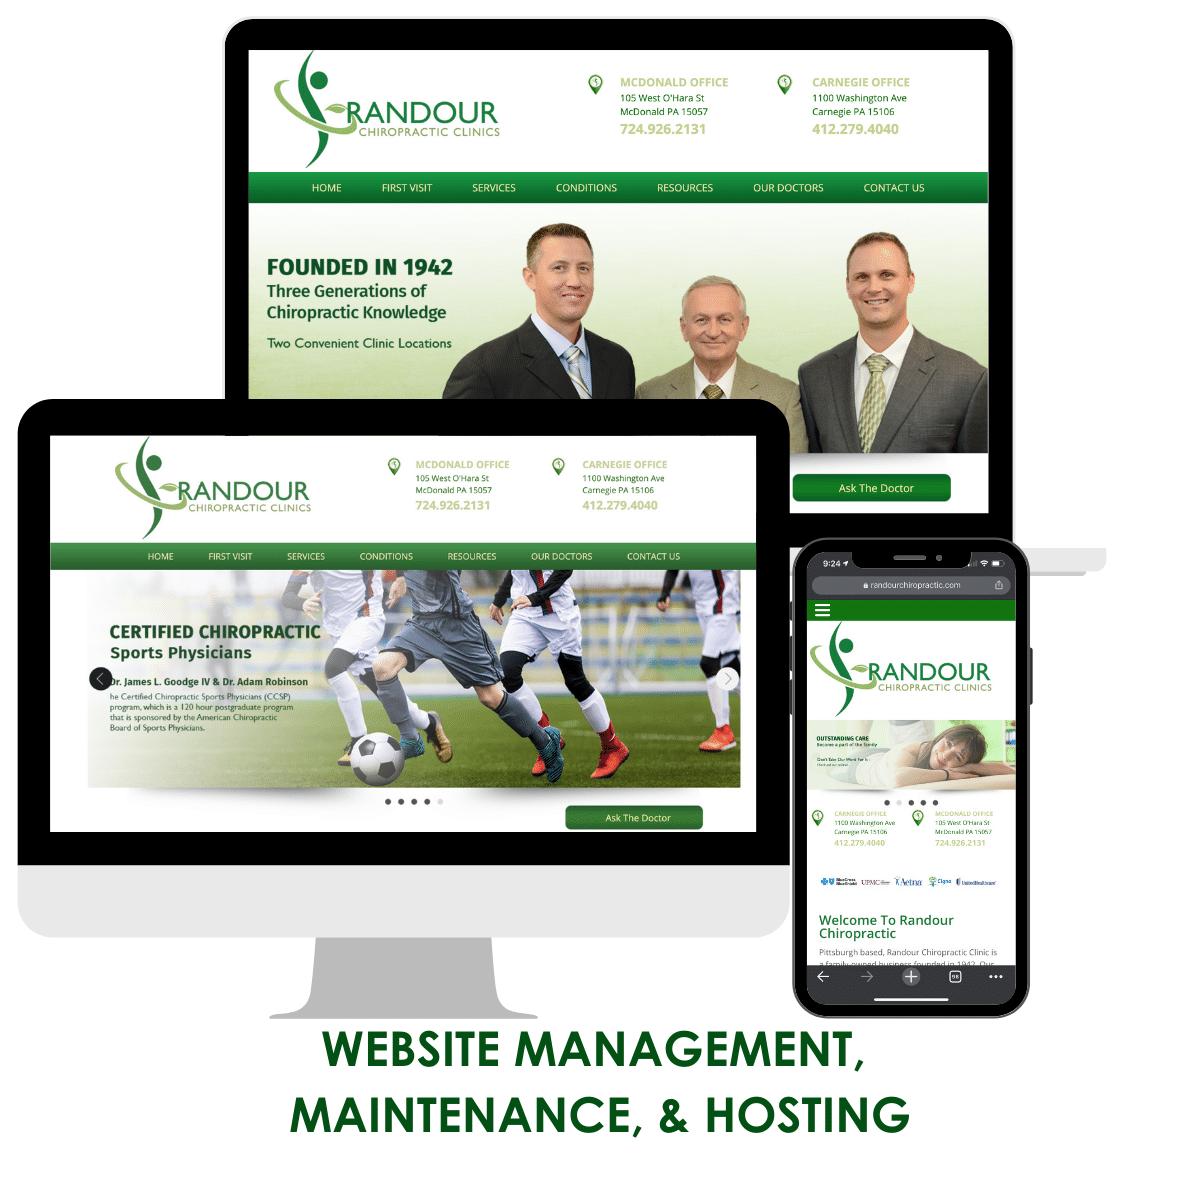 NEW TFM Website - Client Feature Block - Randour - Website_1200x1200